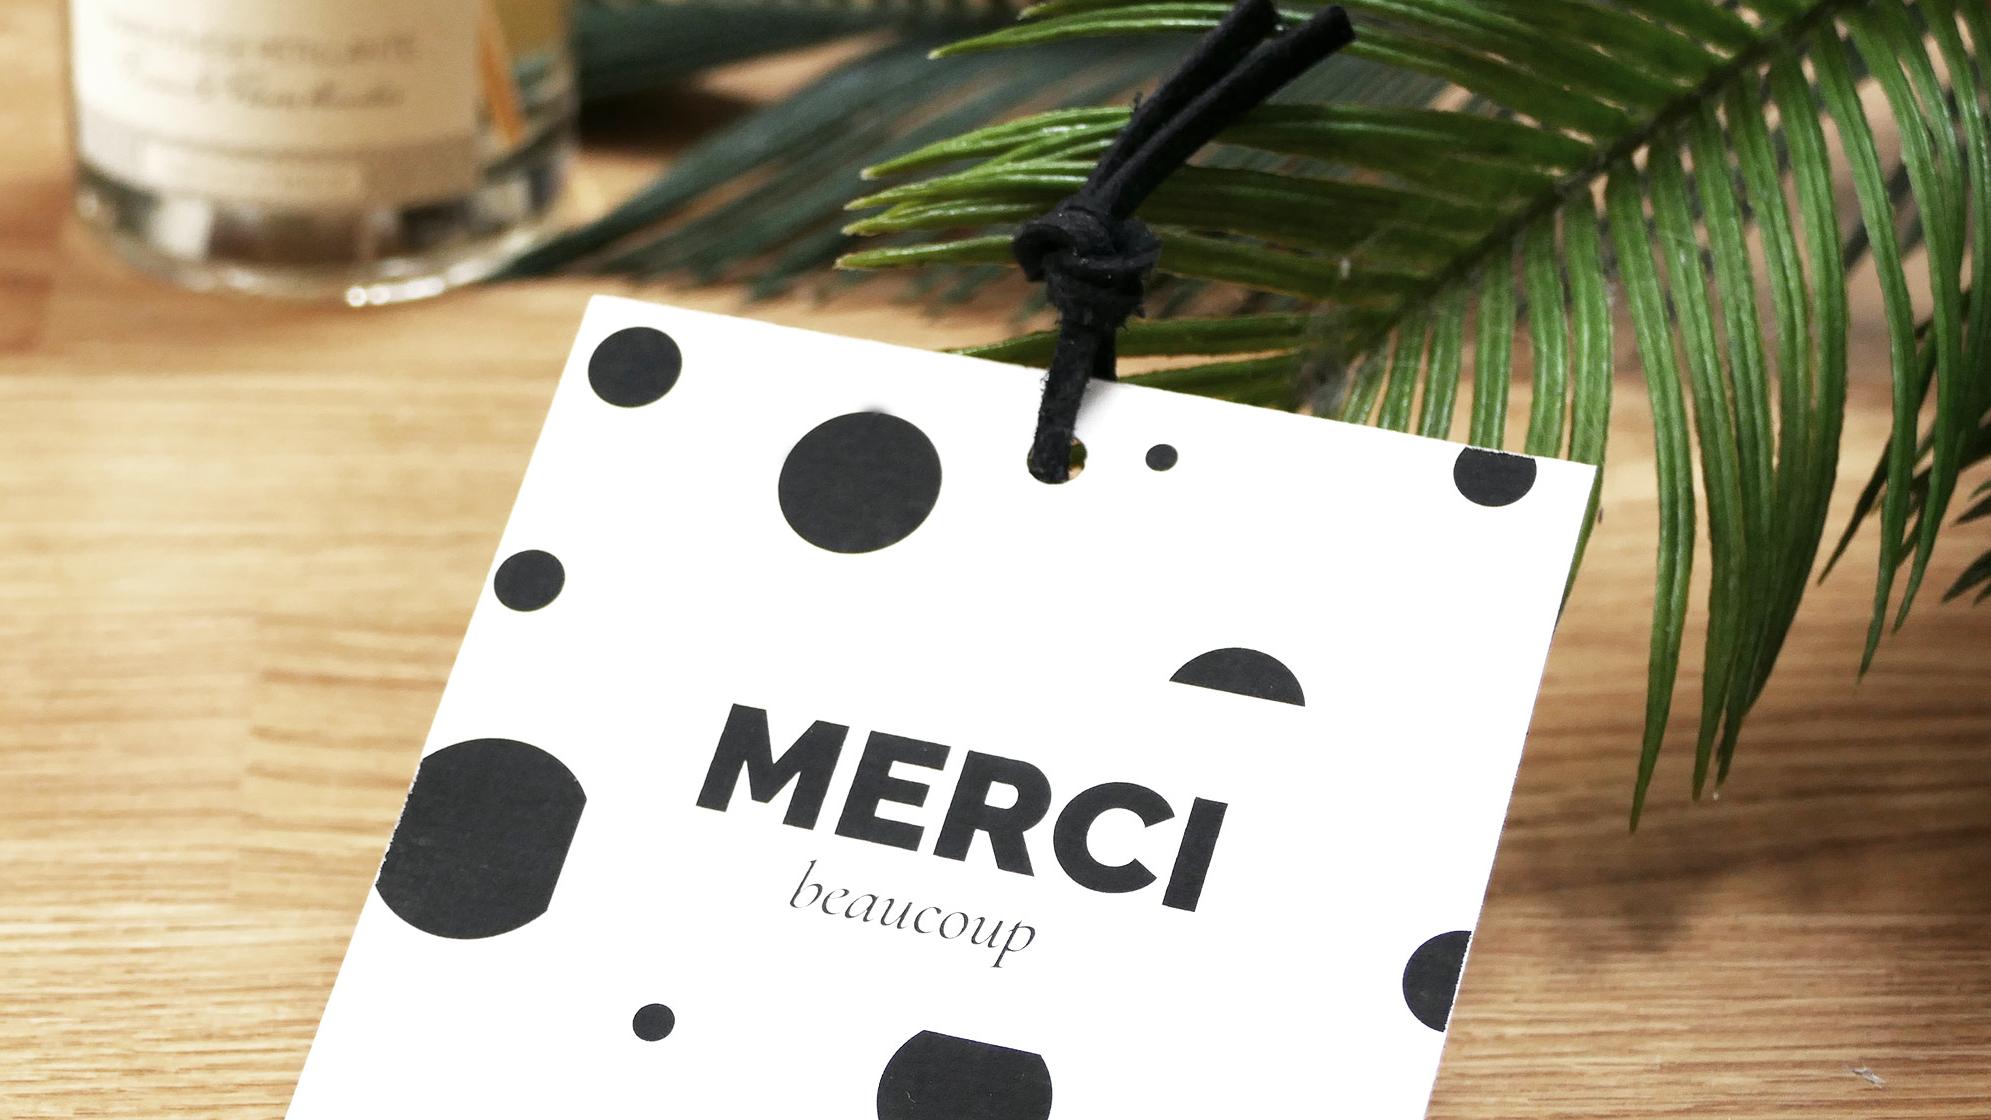 Carte-merci-1522999831-1523024517-1523291343.jpg